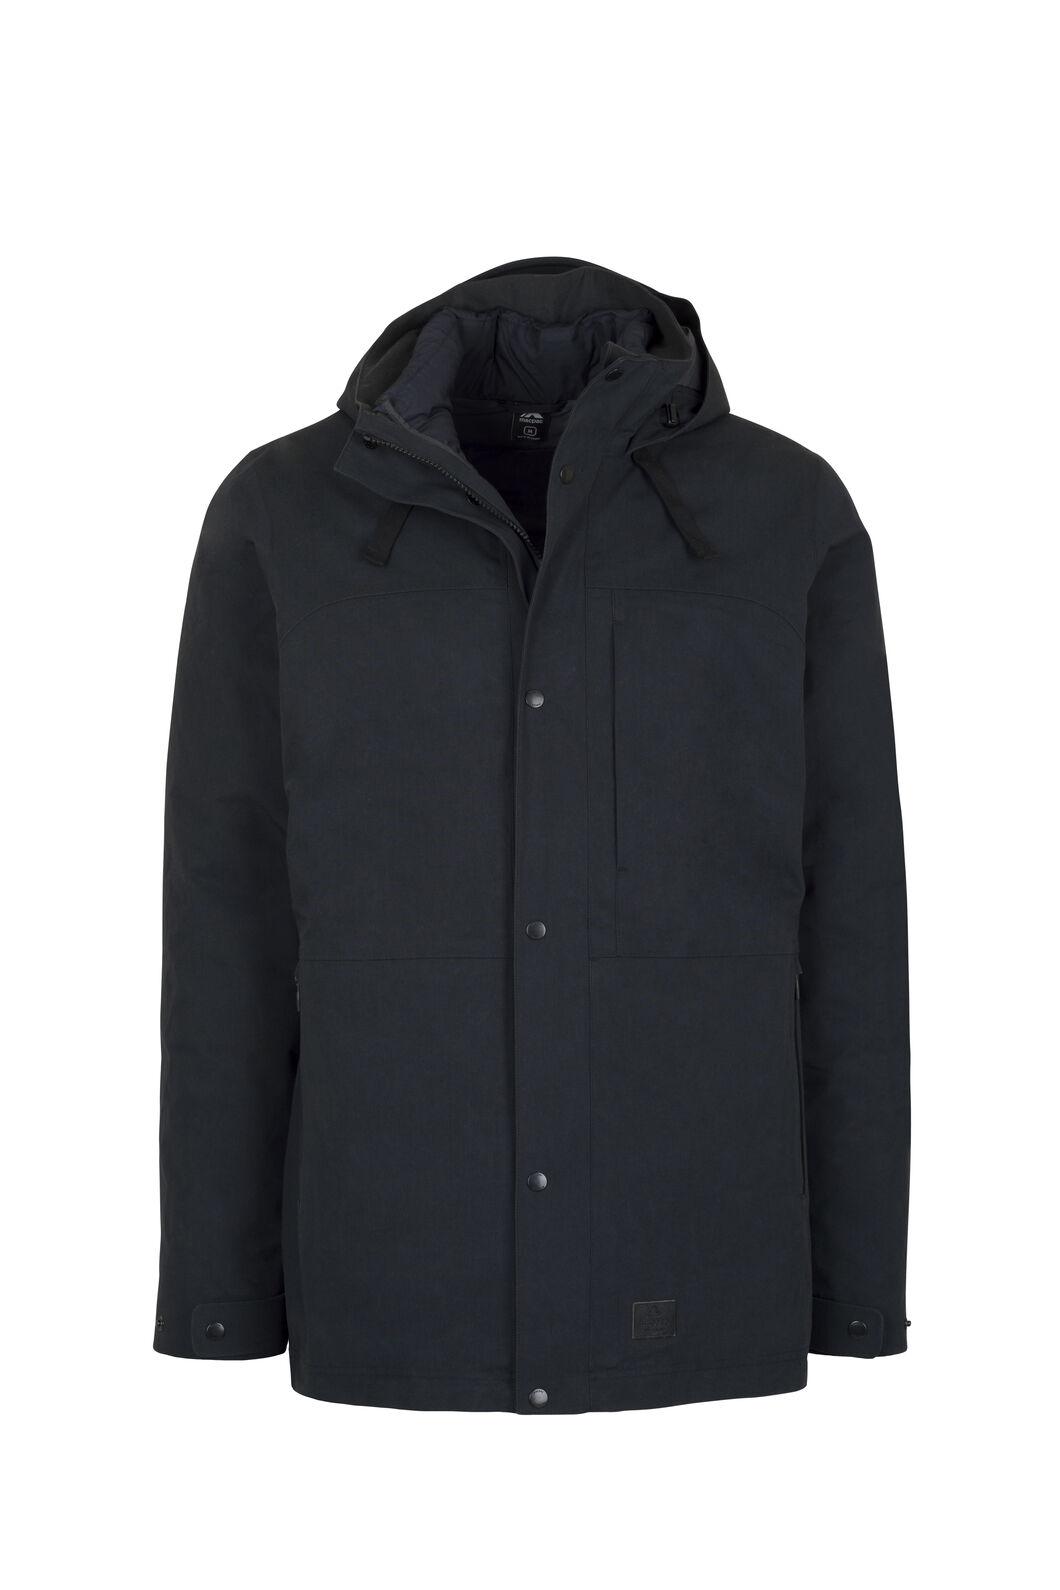 Macpac Element Three-In-One Pertex® Coat - Men's, Black, hi-res